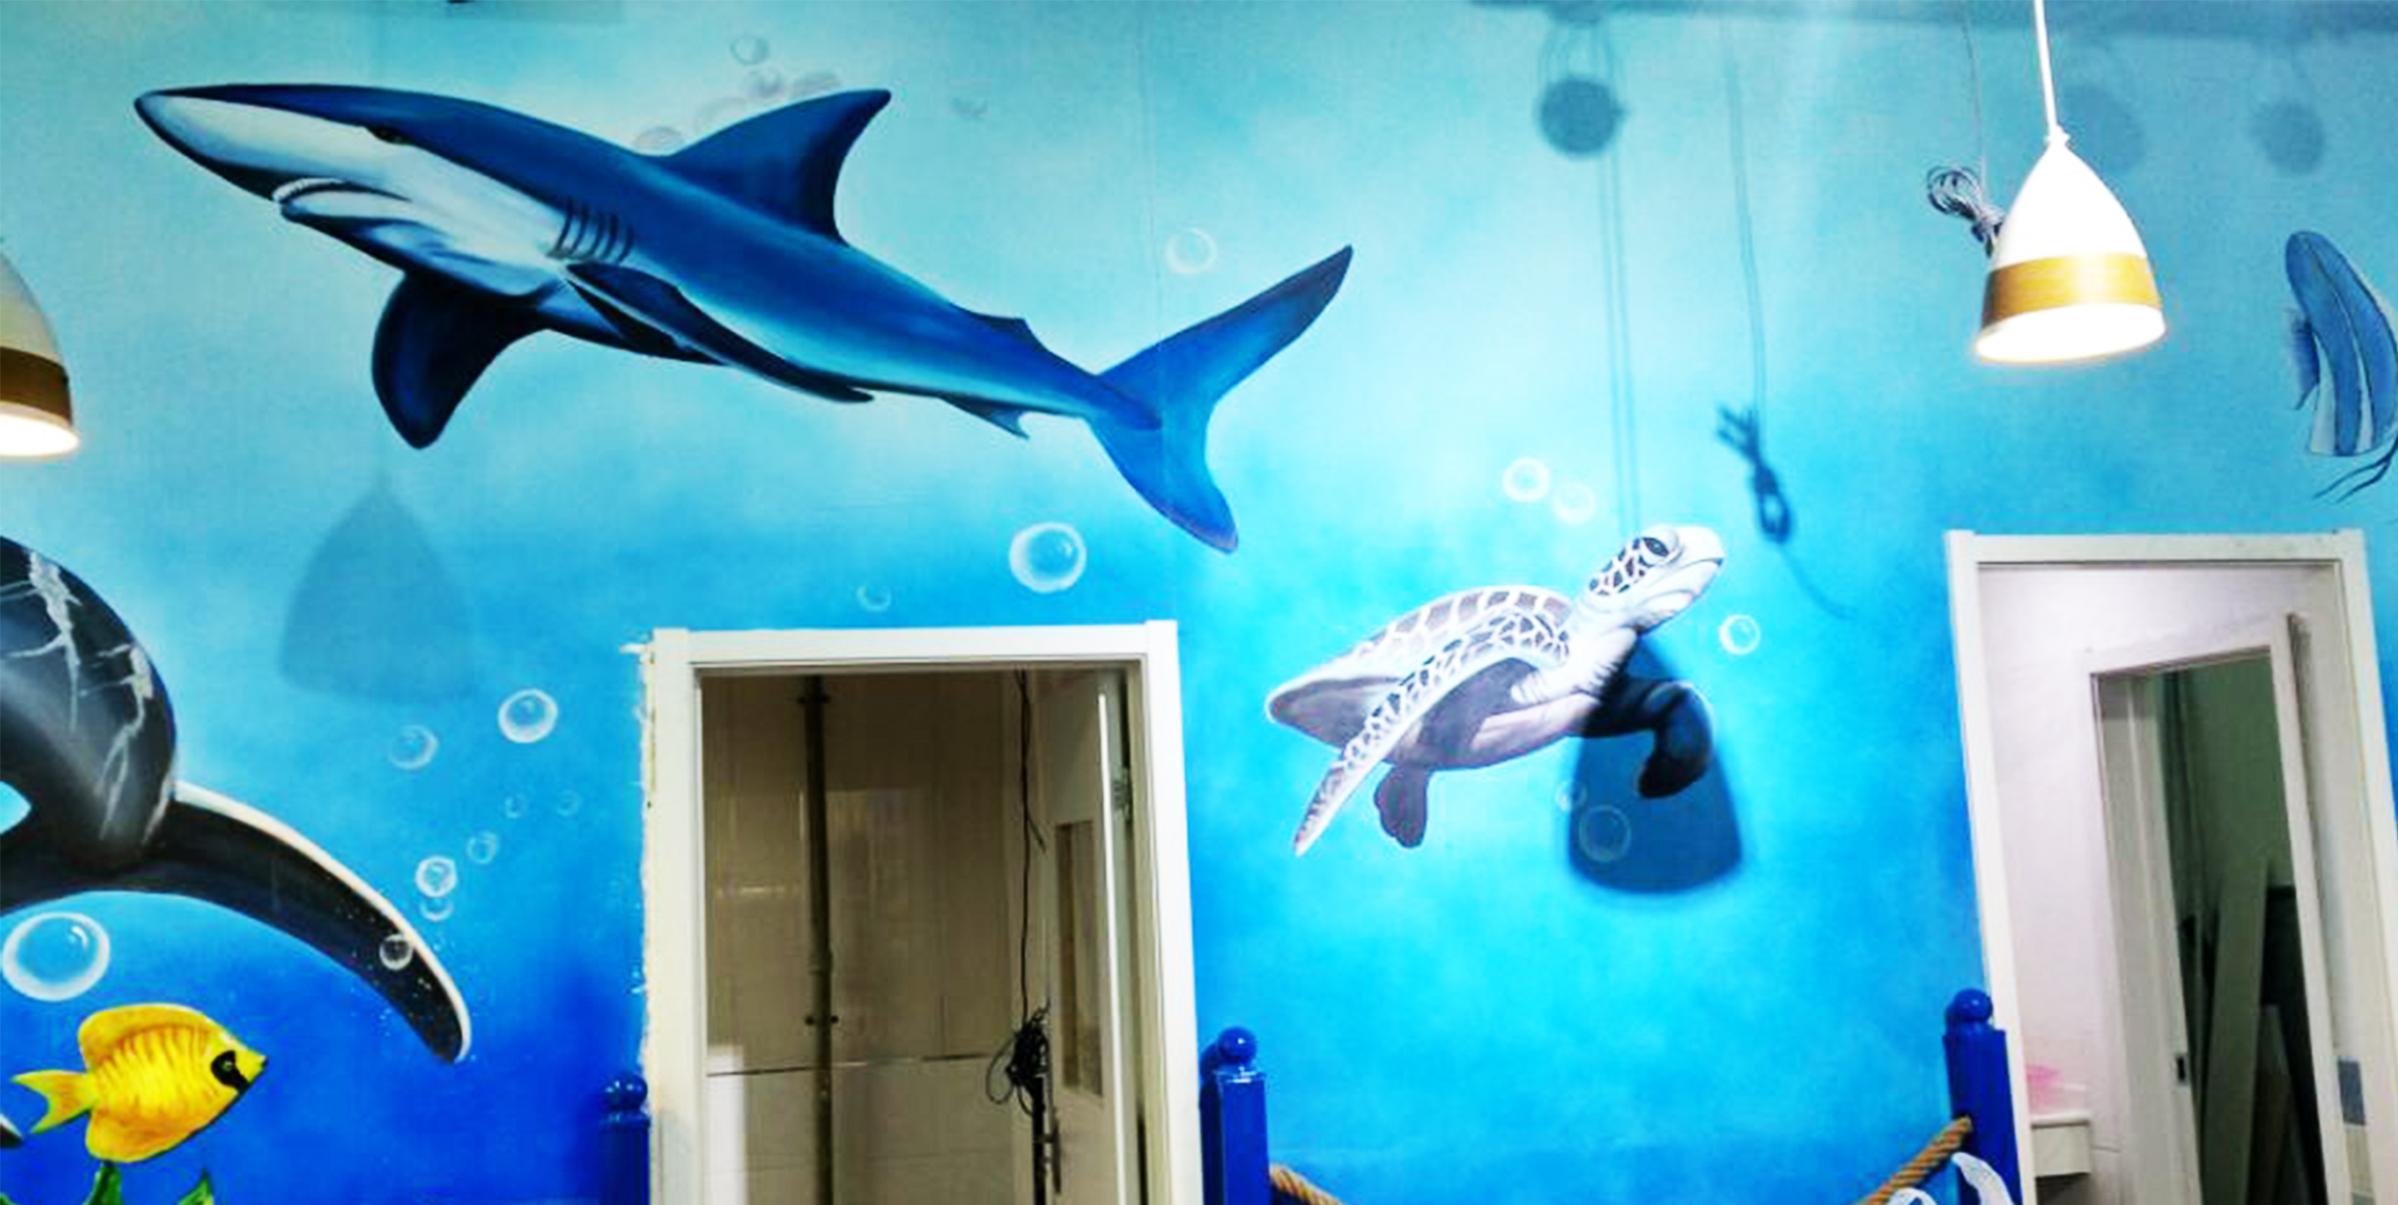 海底世界墙绘 3d海洋馆墙绘 海鲜馆手绘 海鲜馆墙绘